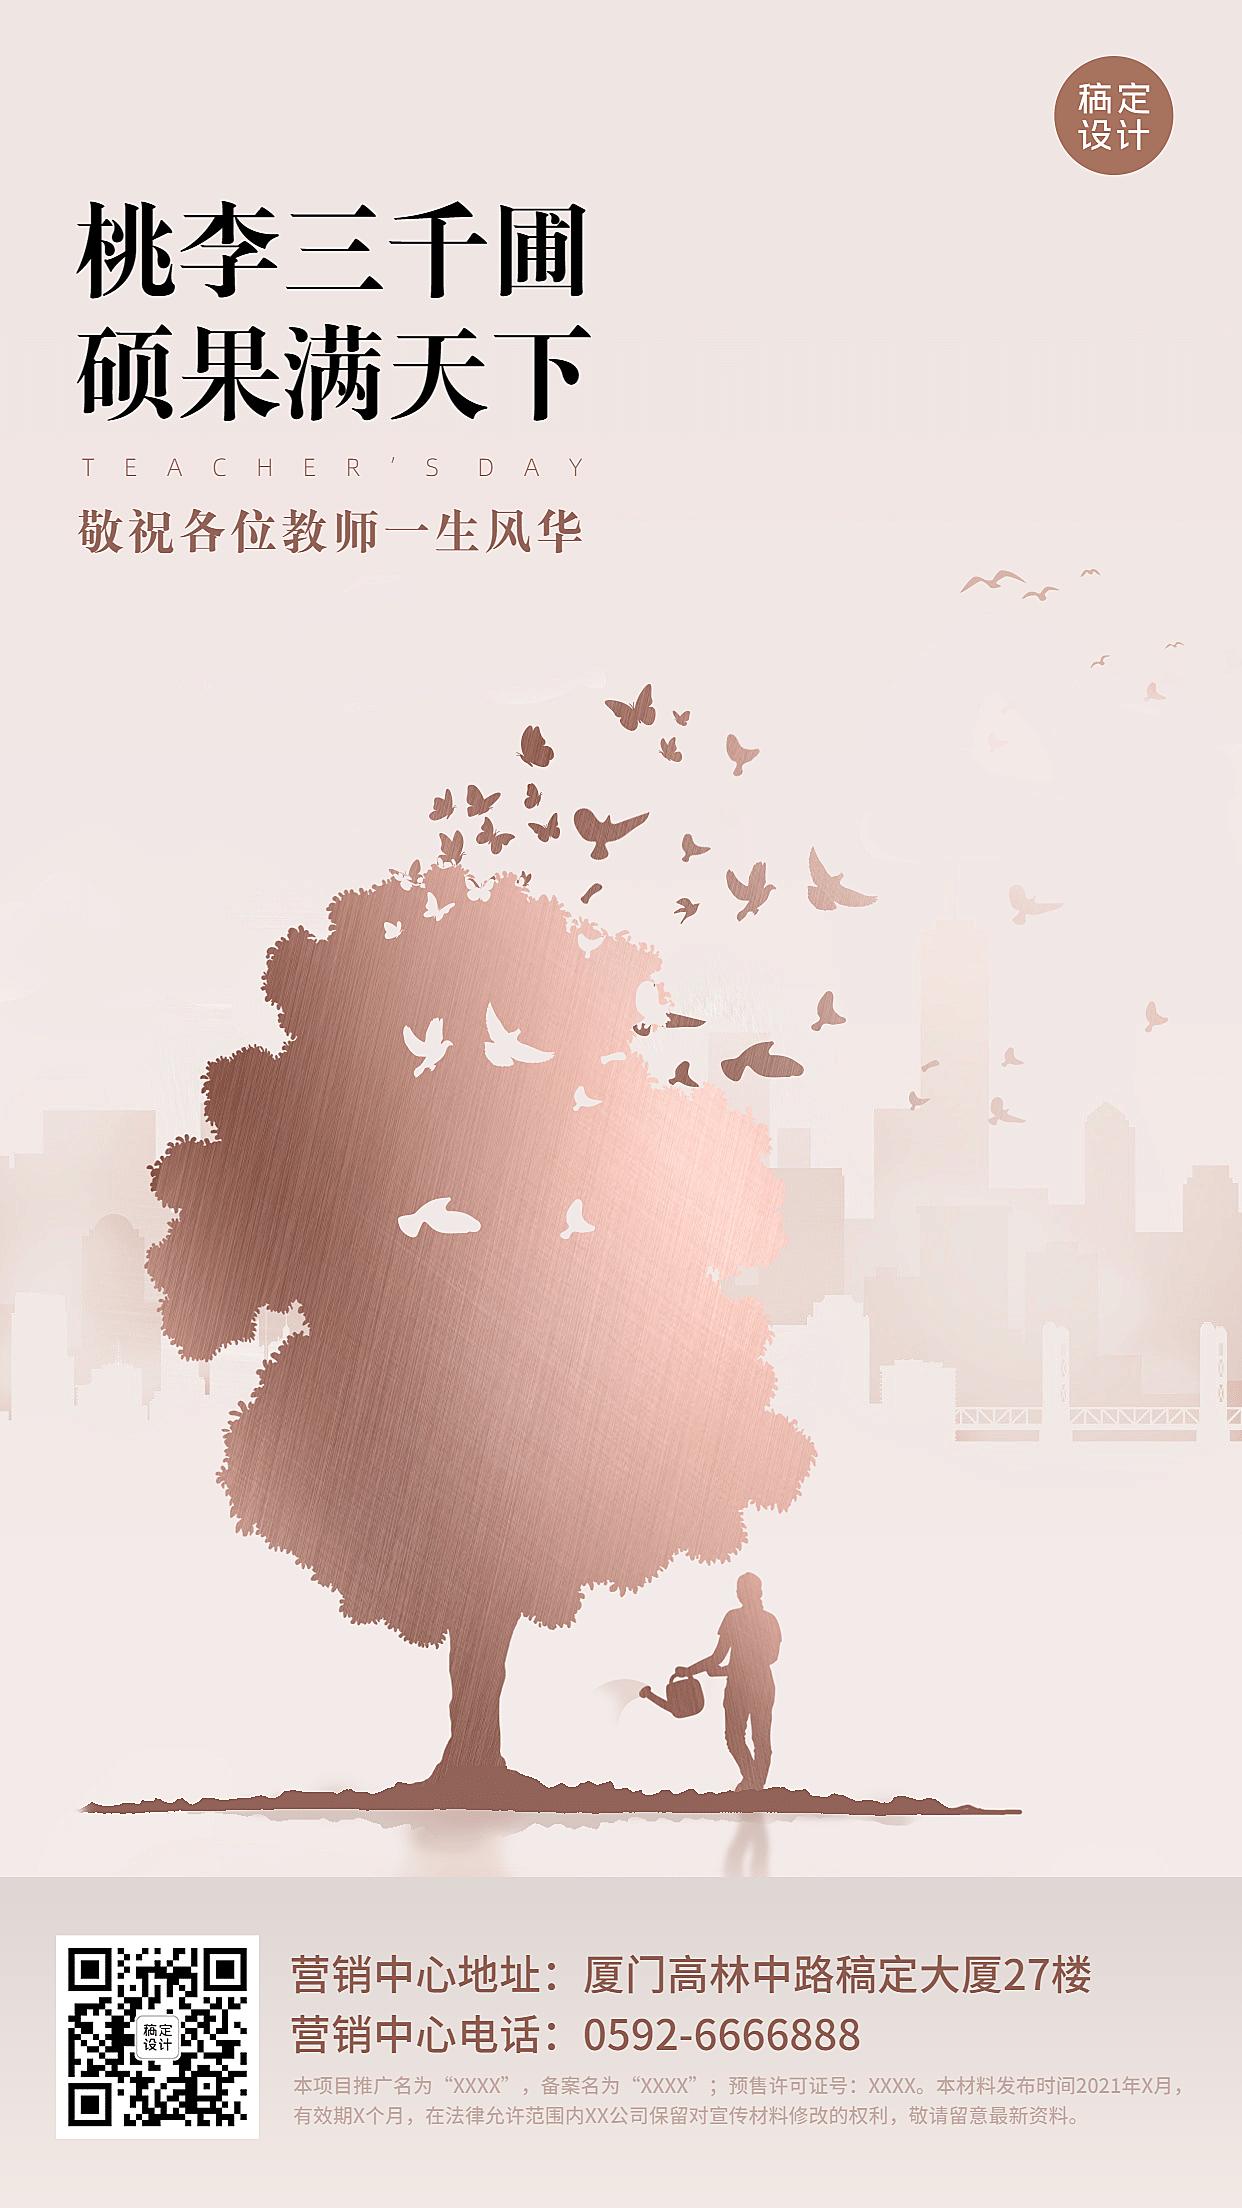 房地产教师节祝福感谢营销海报